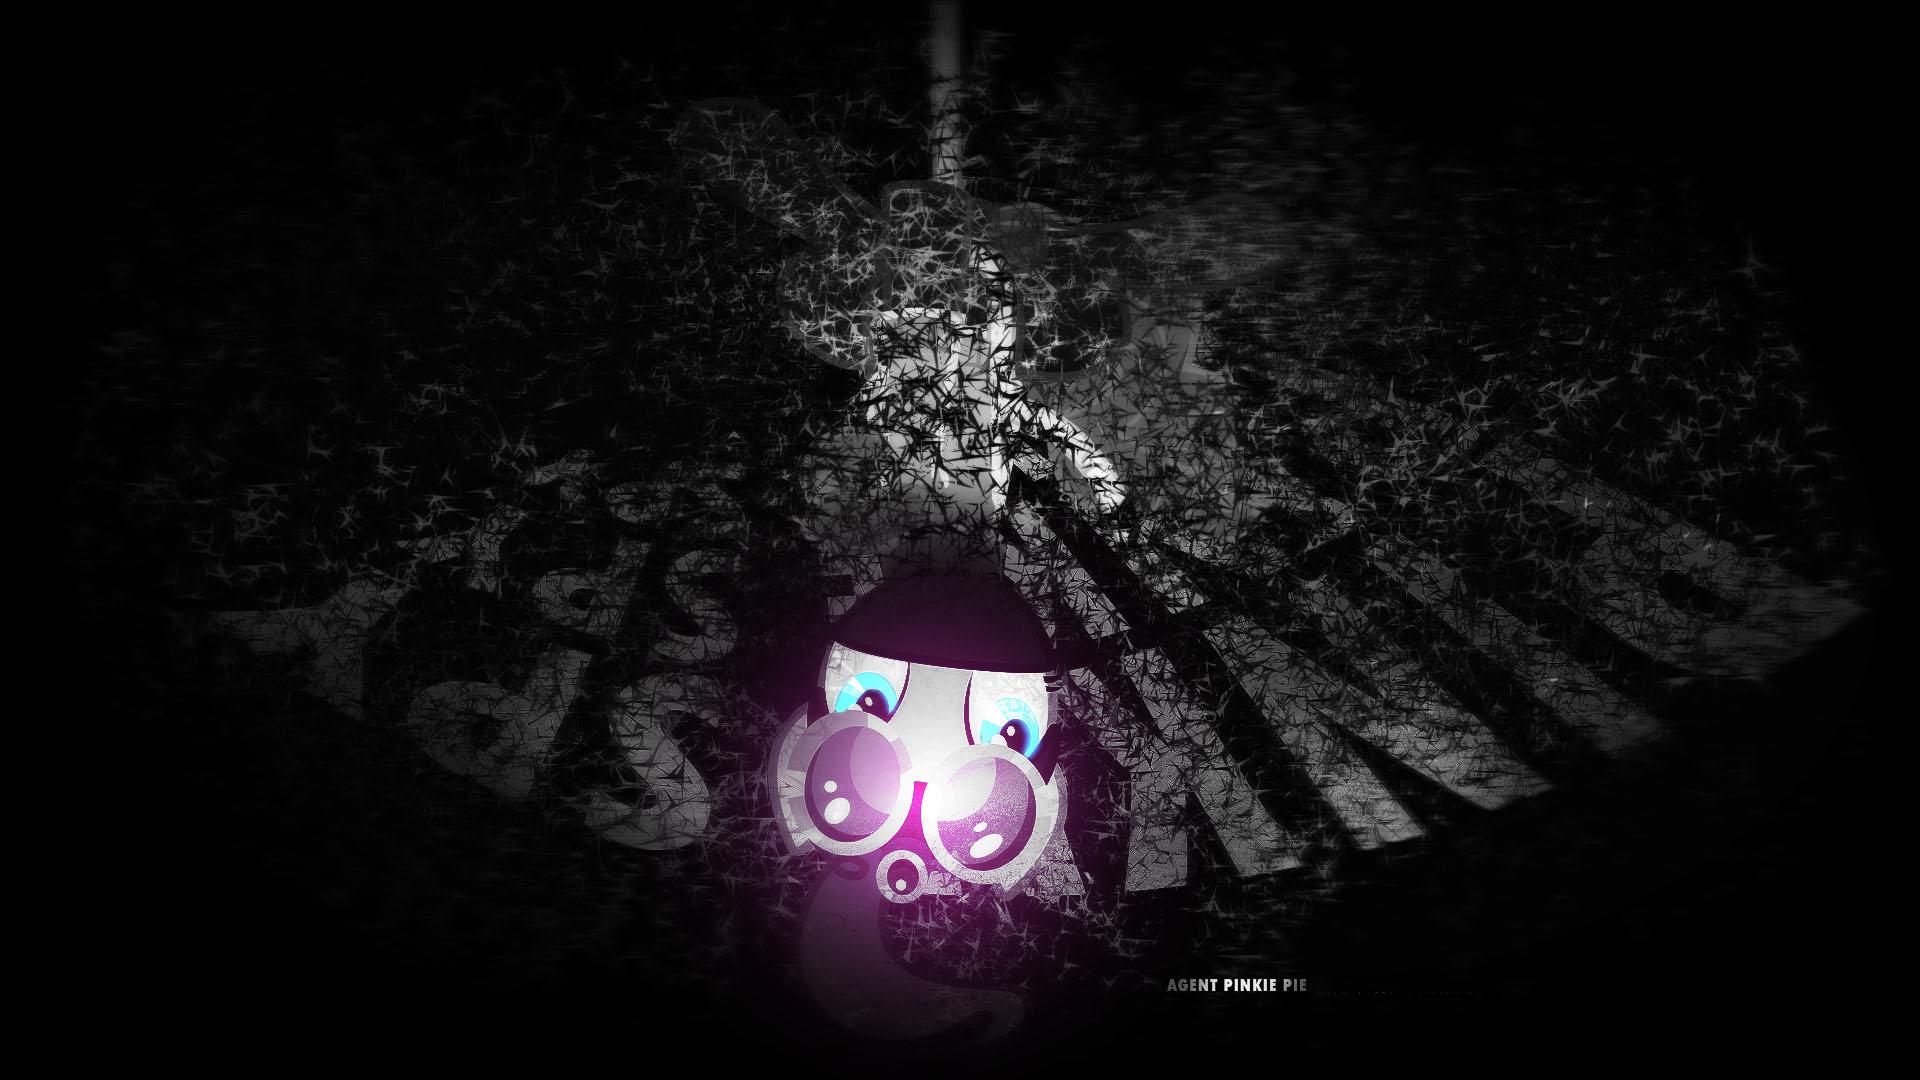 Pinkie Spy by Brisineo and Xtrl